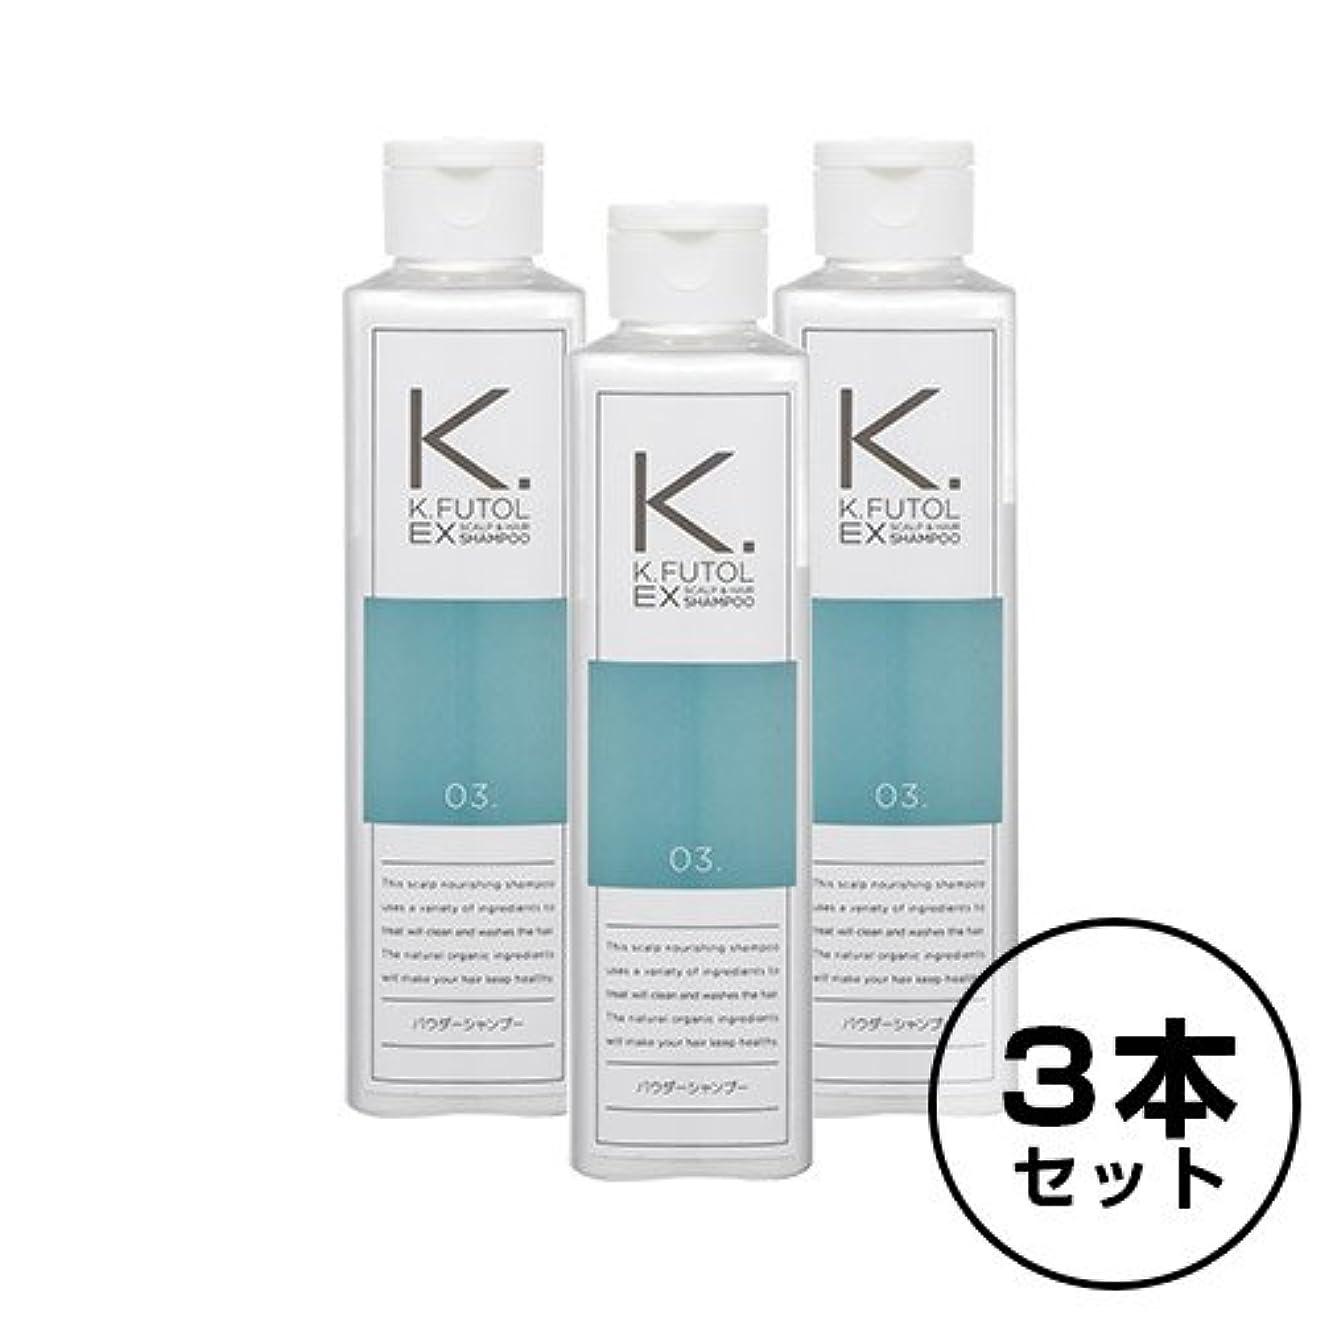 痴漢強いピアニストケフトルEXパウダーシャンプー100g×3本セット/(k.futol EX)